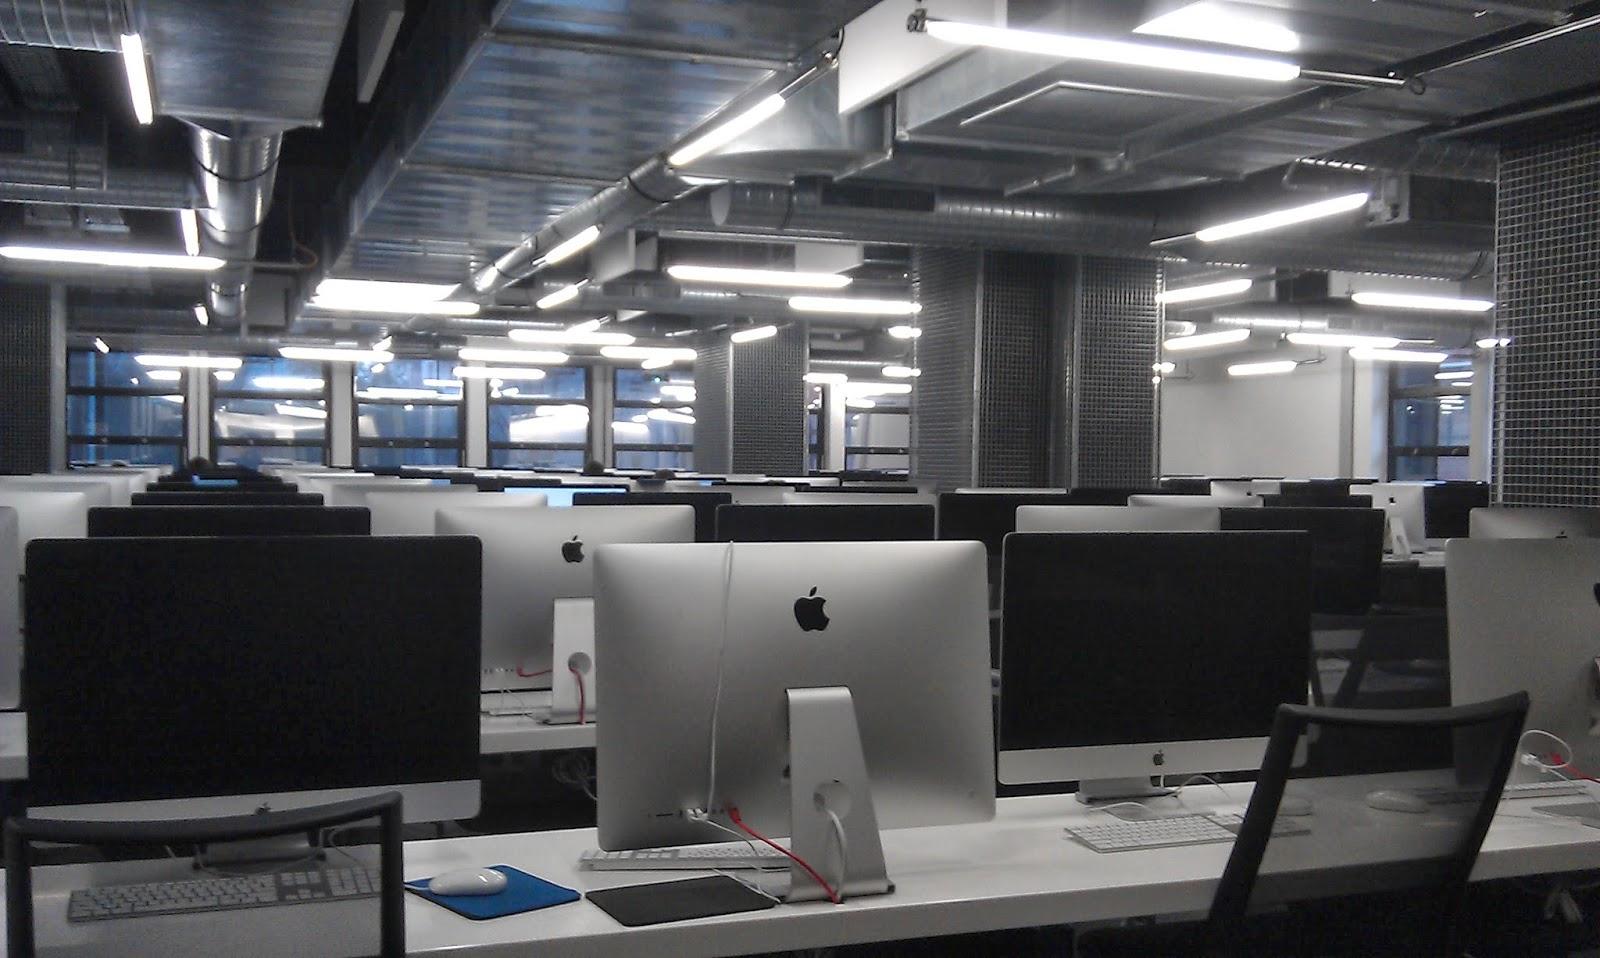 250 iMacs standing still